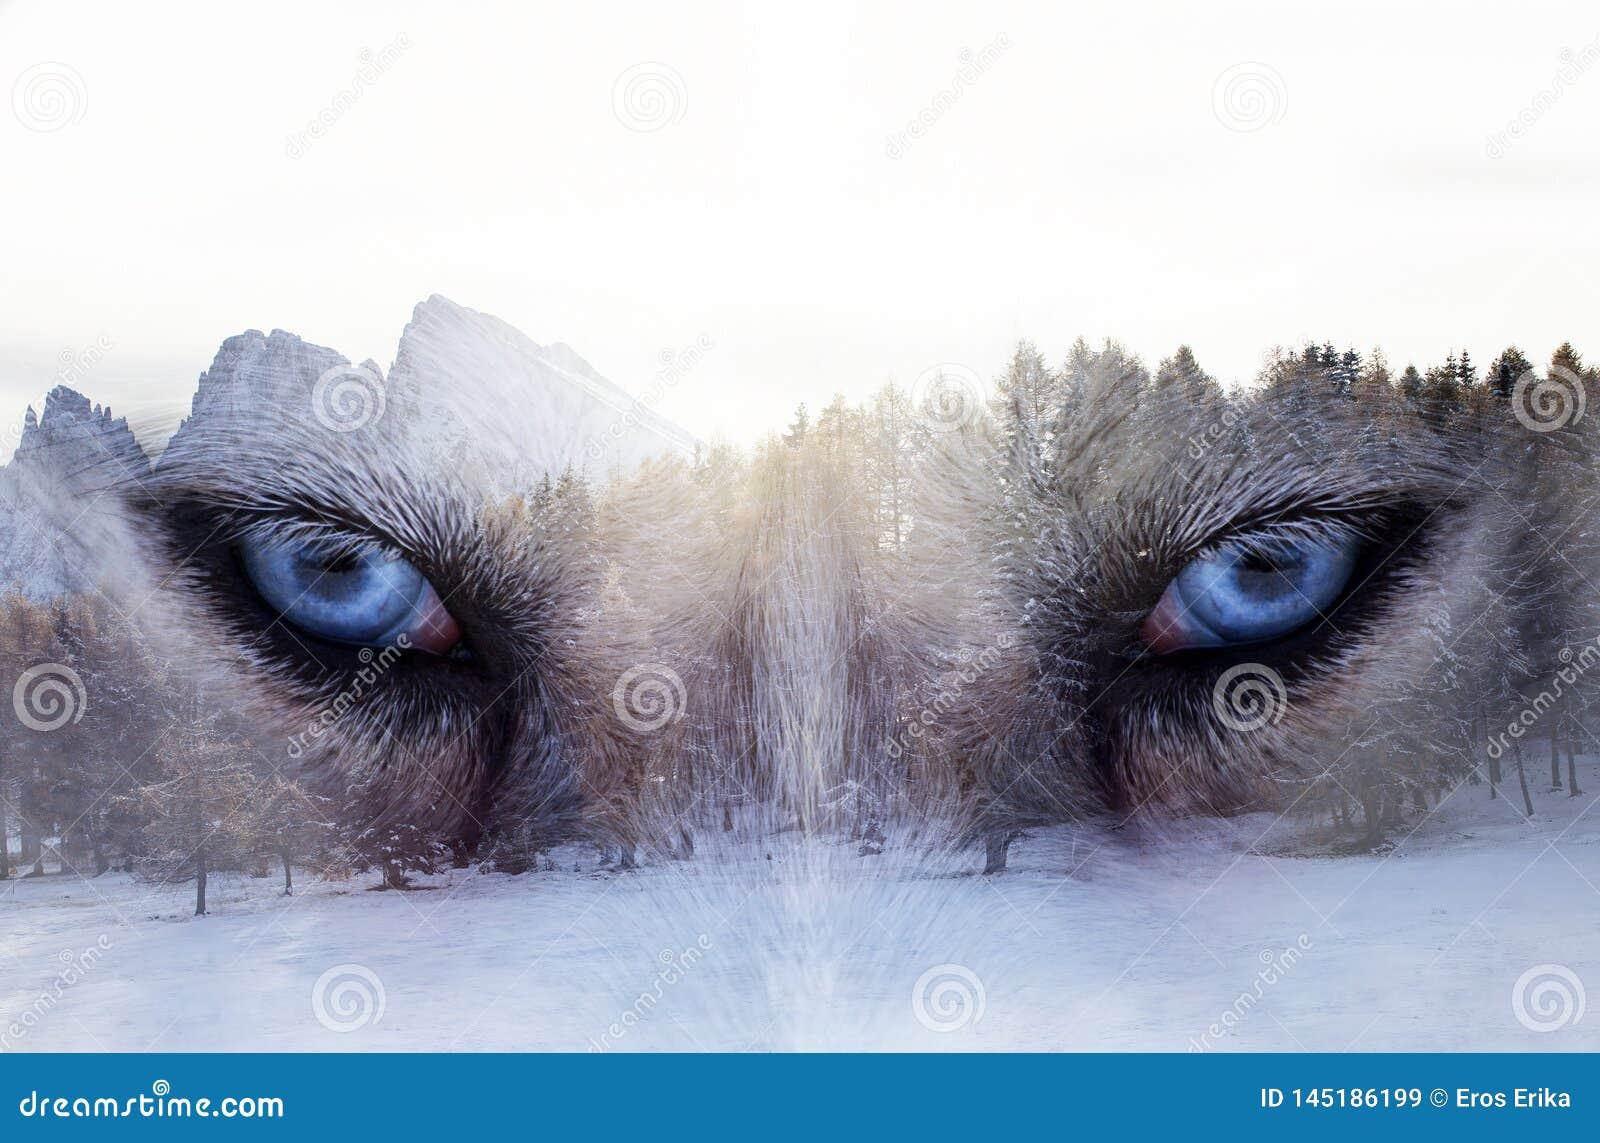 Husky dog an the forest